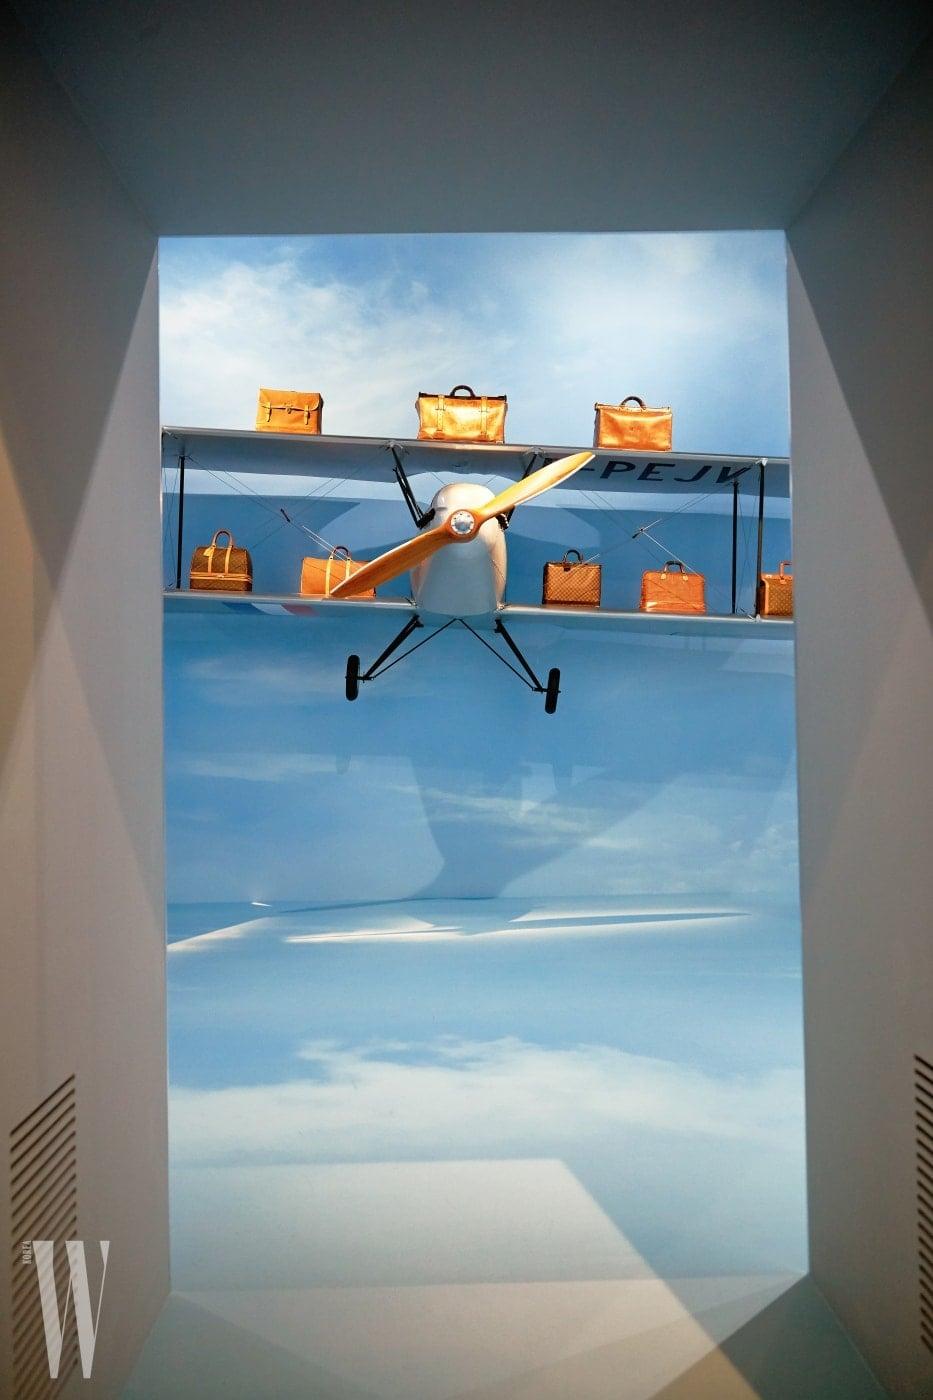 '머나먼 곳으로의 탐험'관 중 요트와 자동차를 지나 보이는 항공관.